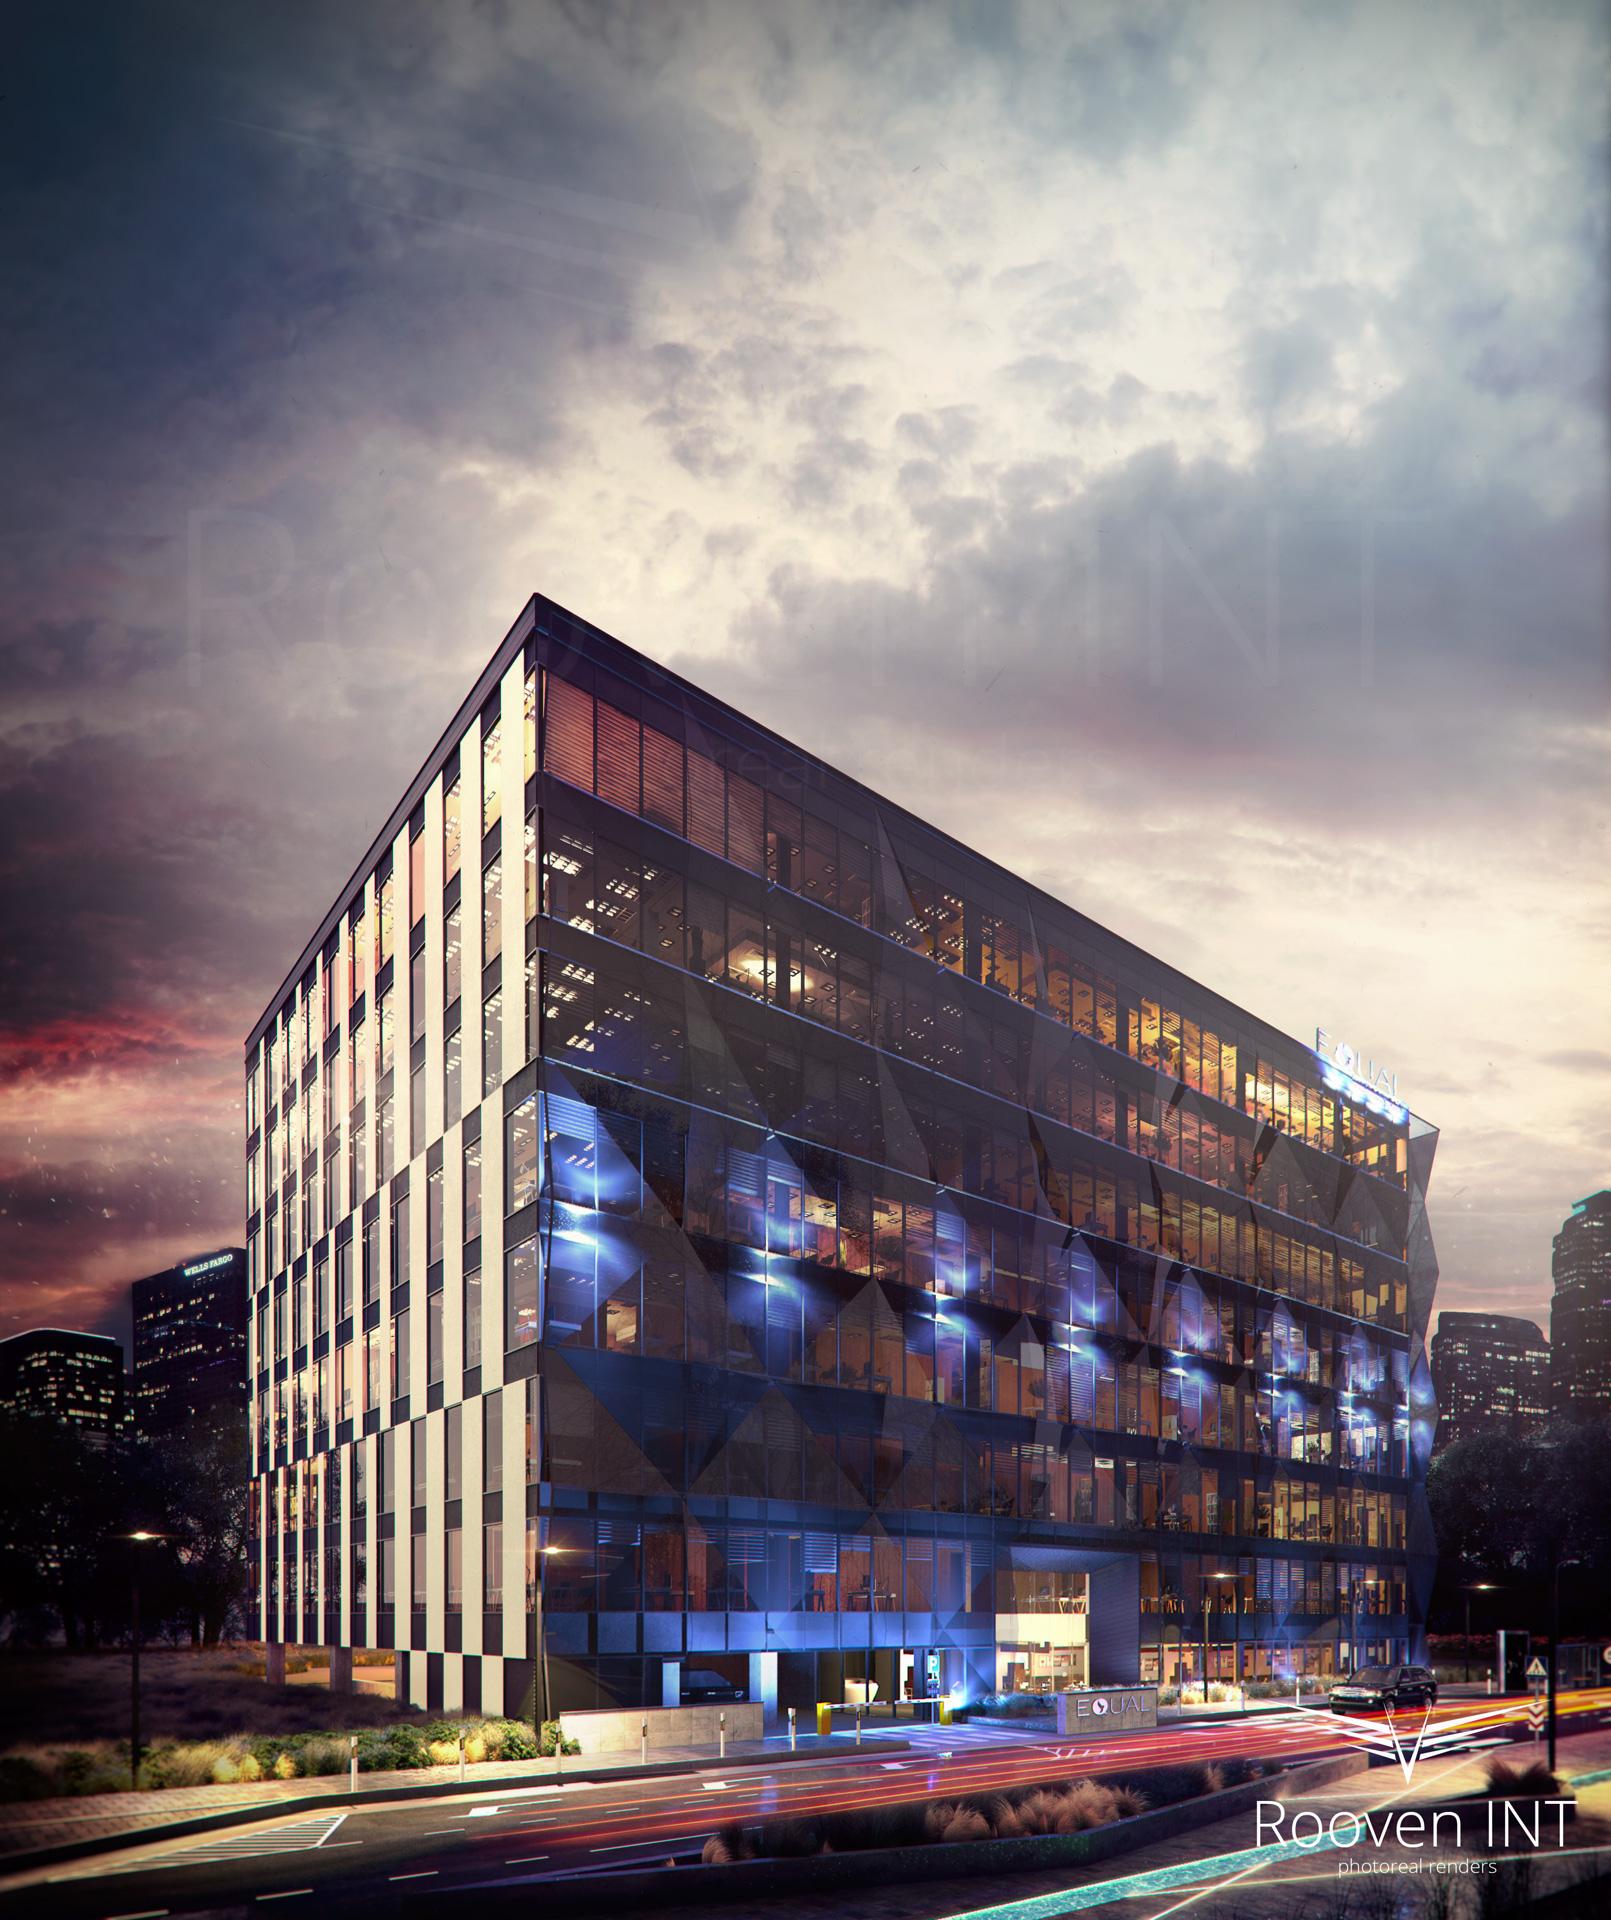 wizualizacje 3d budynku biurowego ujęcie wieczorne